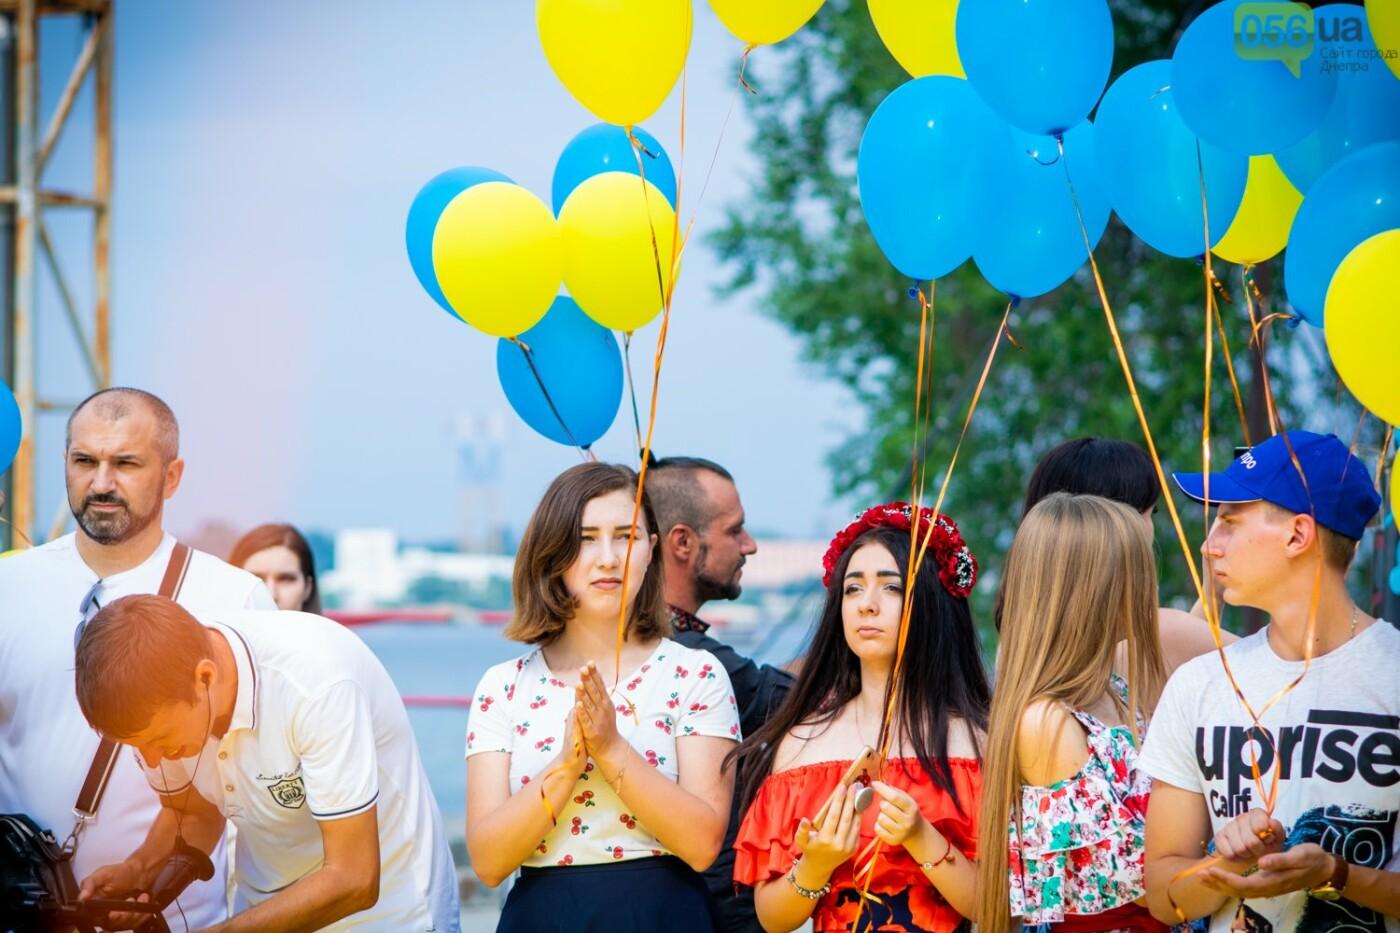 В Днепре устроили красочный флешмоб ко Дню Конституции, - ФОТОРЕПОРТАЖ, фото-12